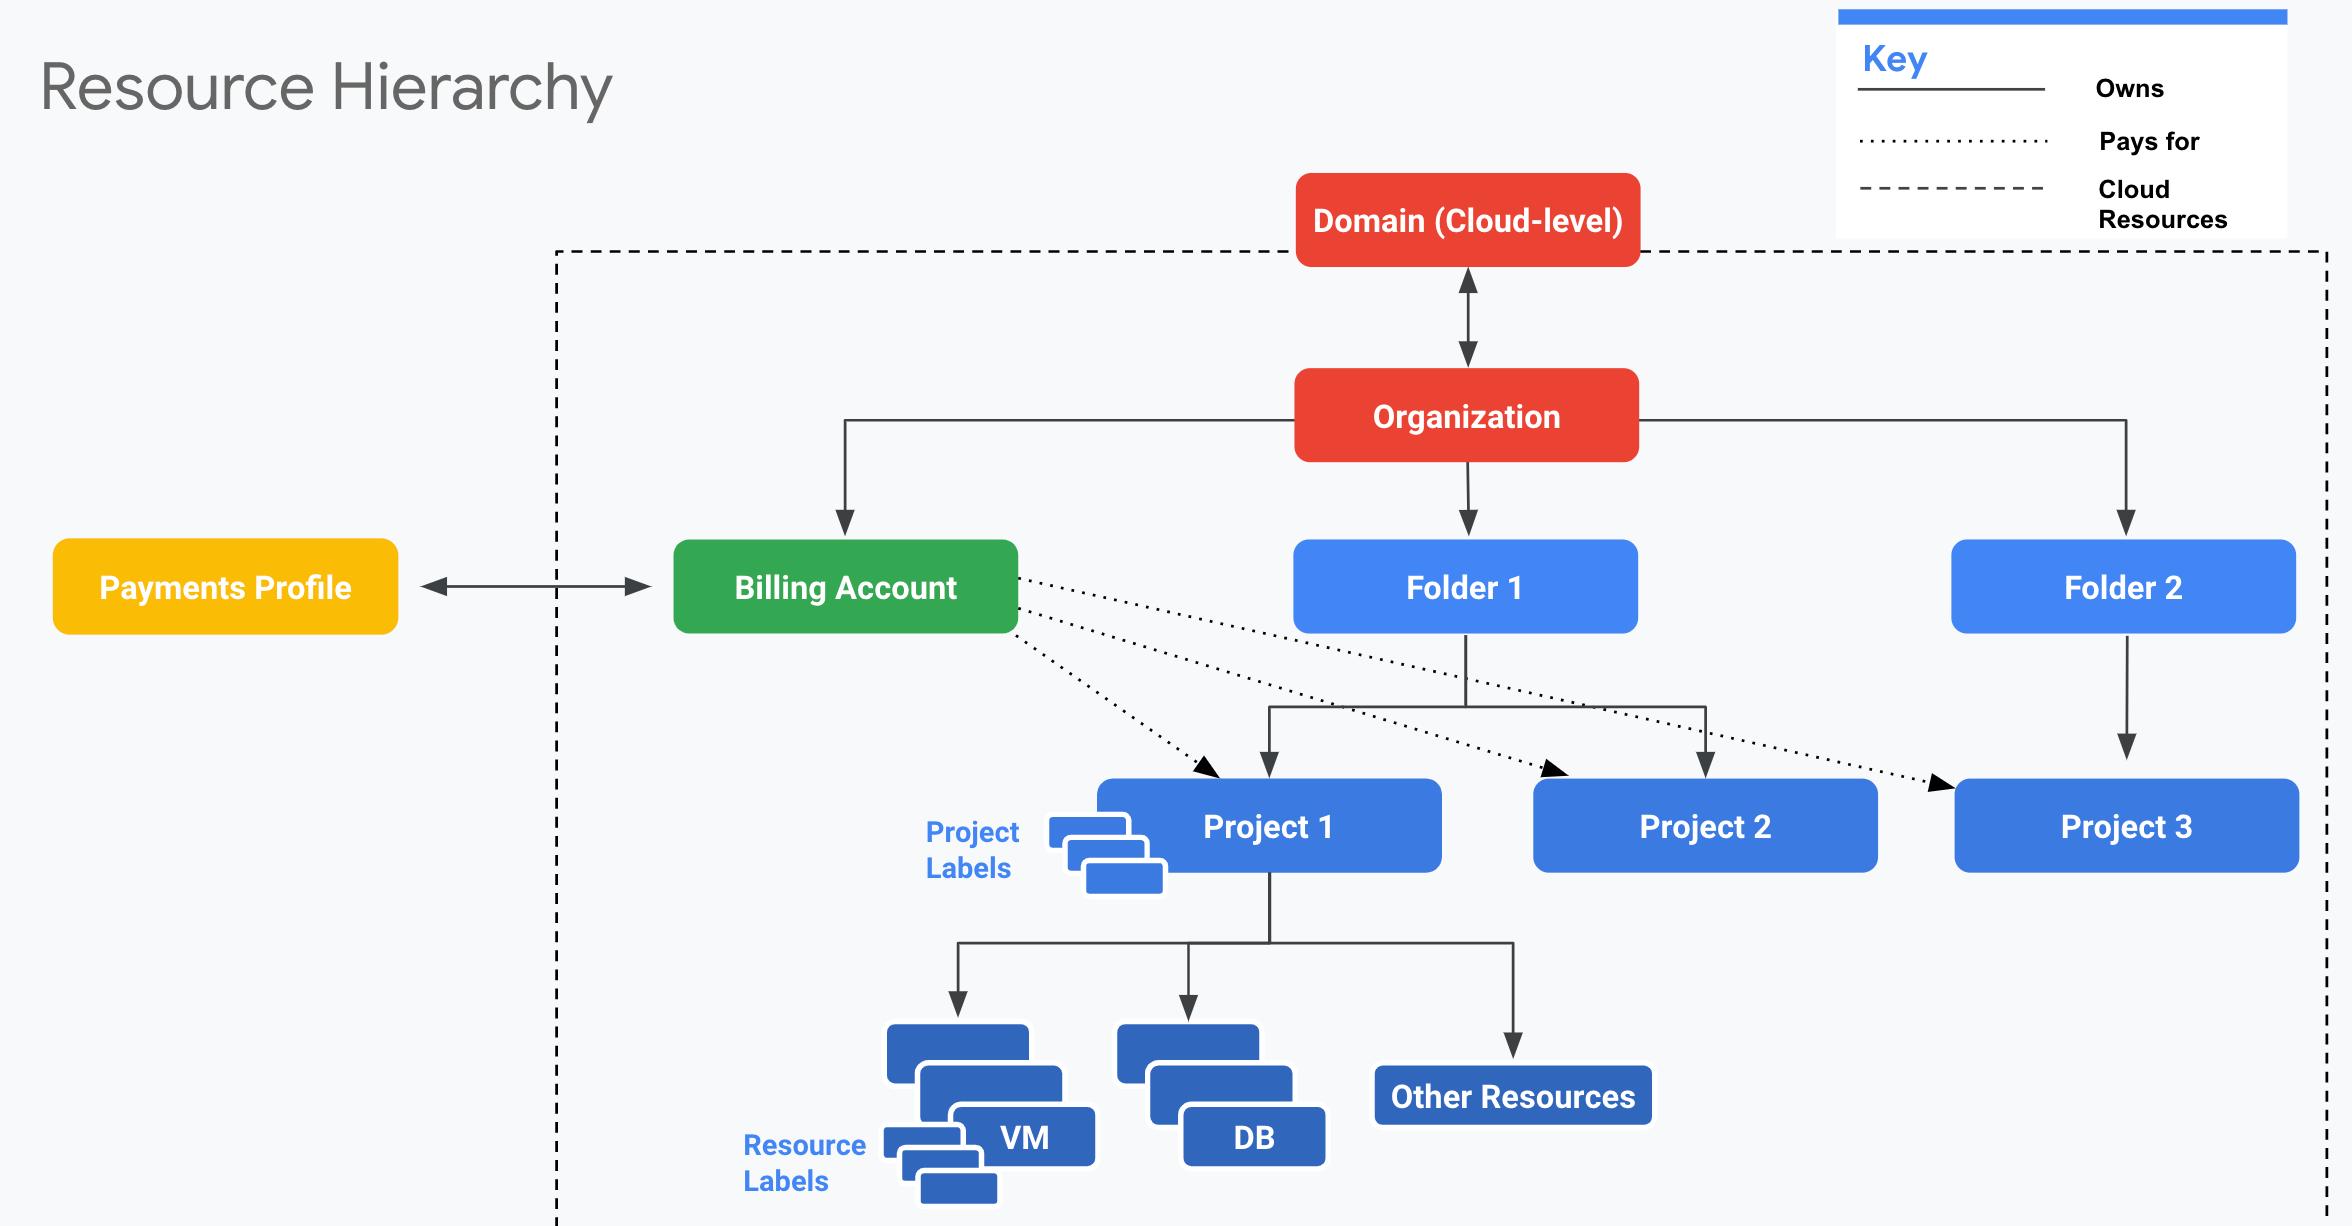 Hiérarchie des ressources